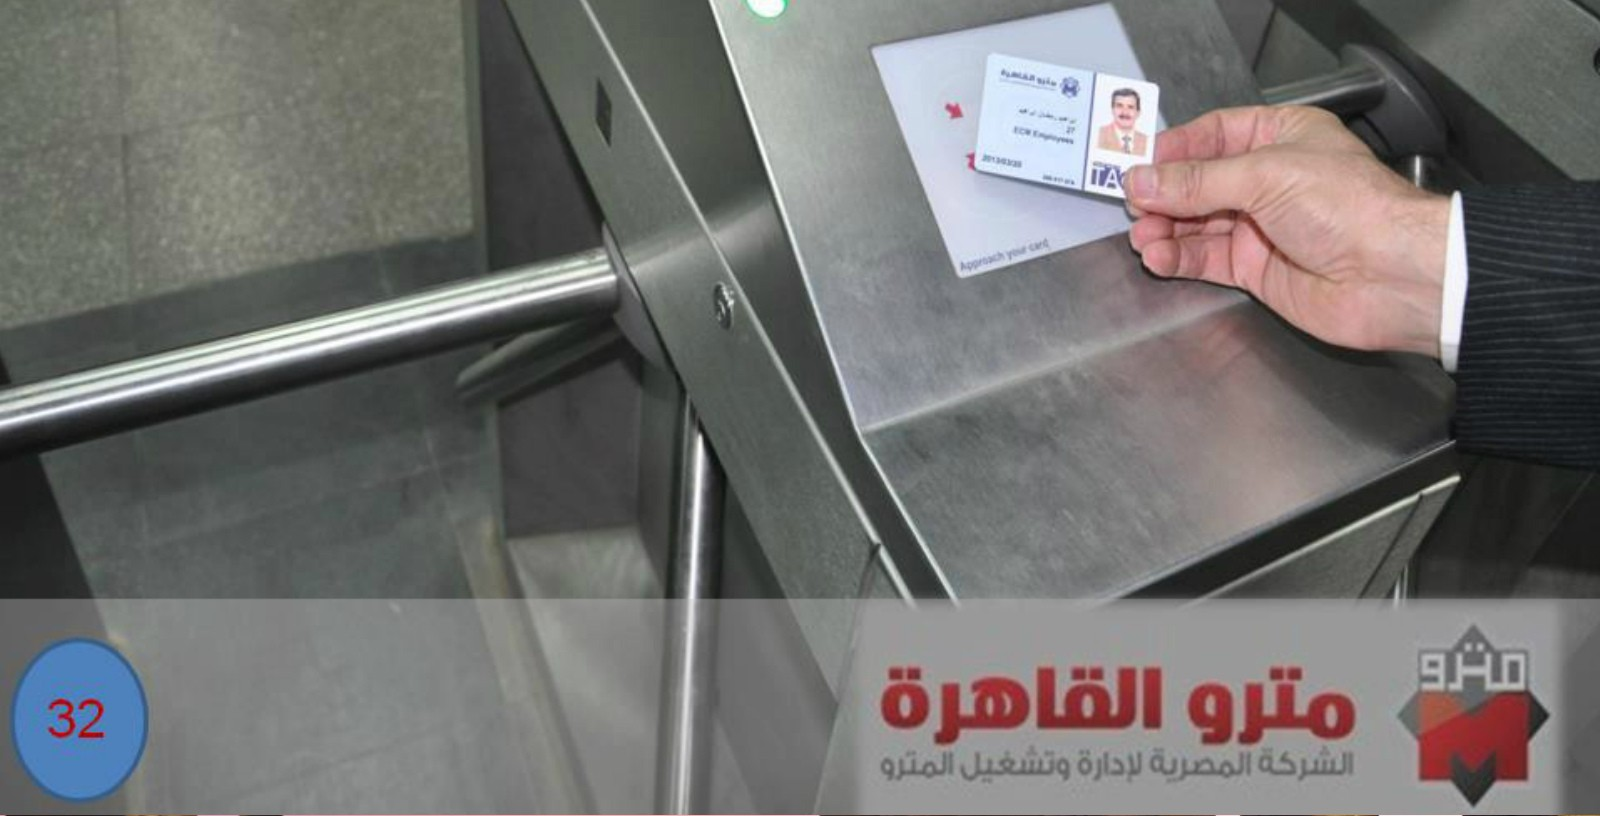 Metro_ITS_Ticketing_Egipto_Idom_3